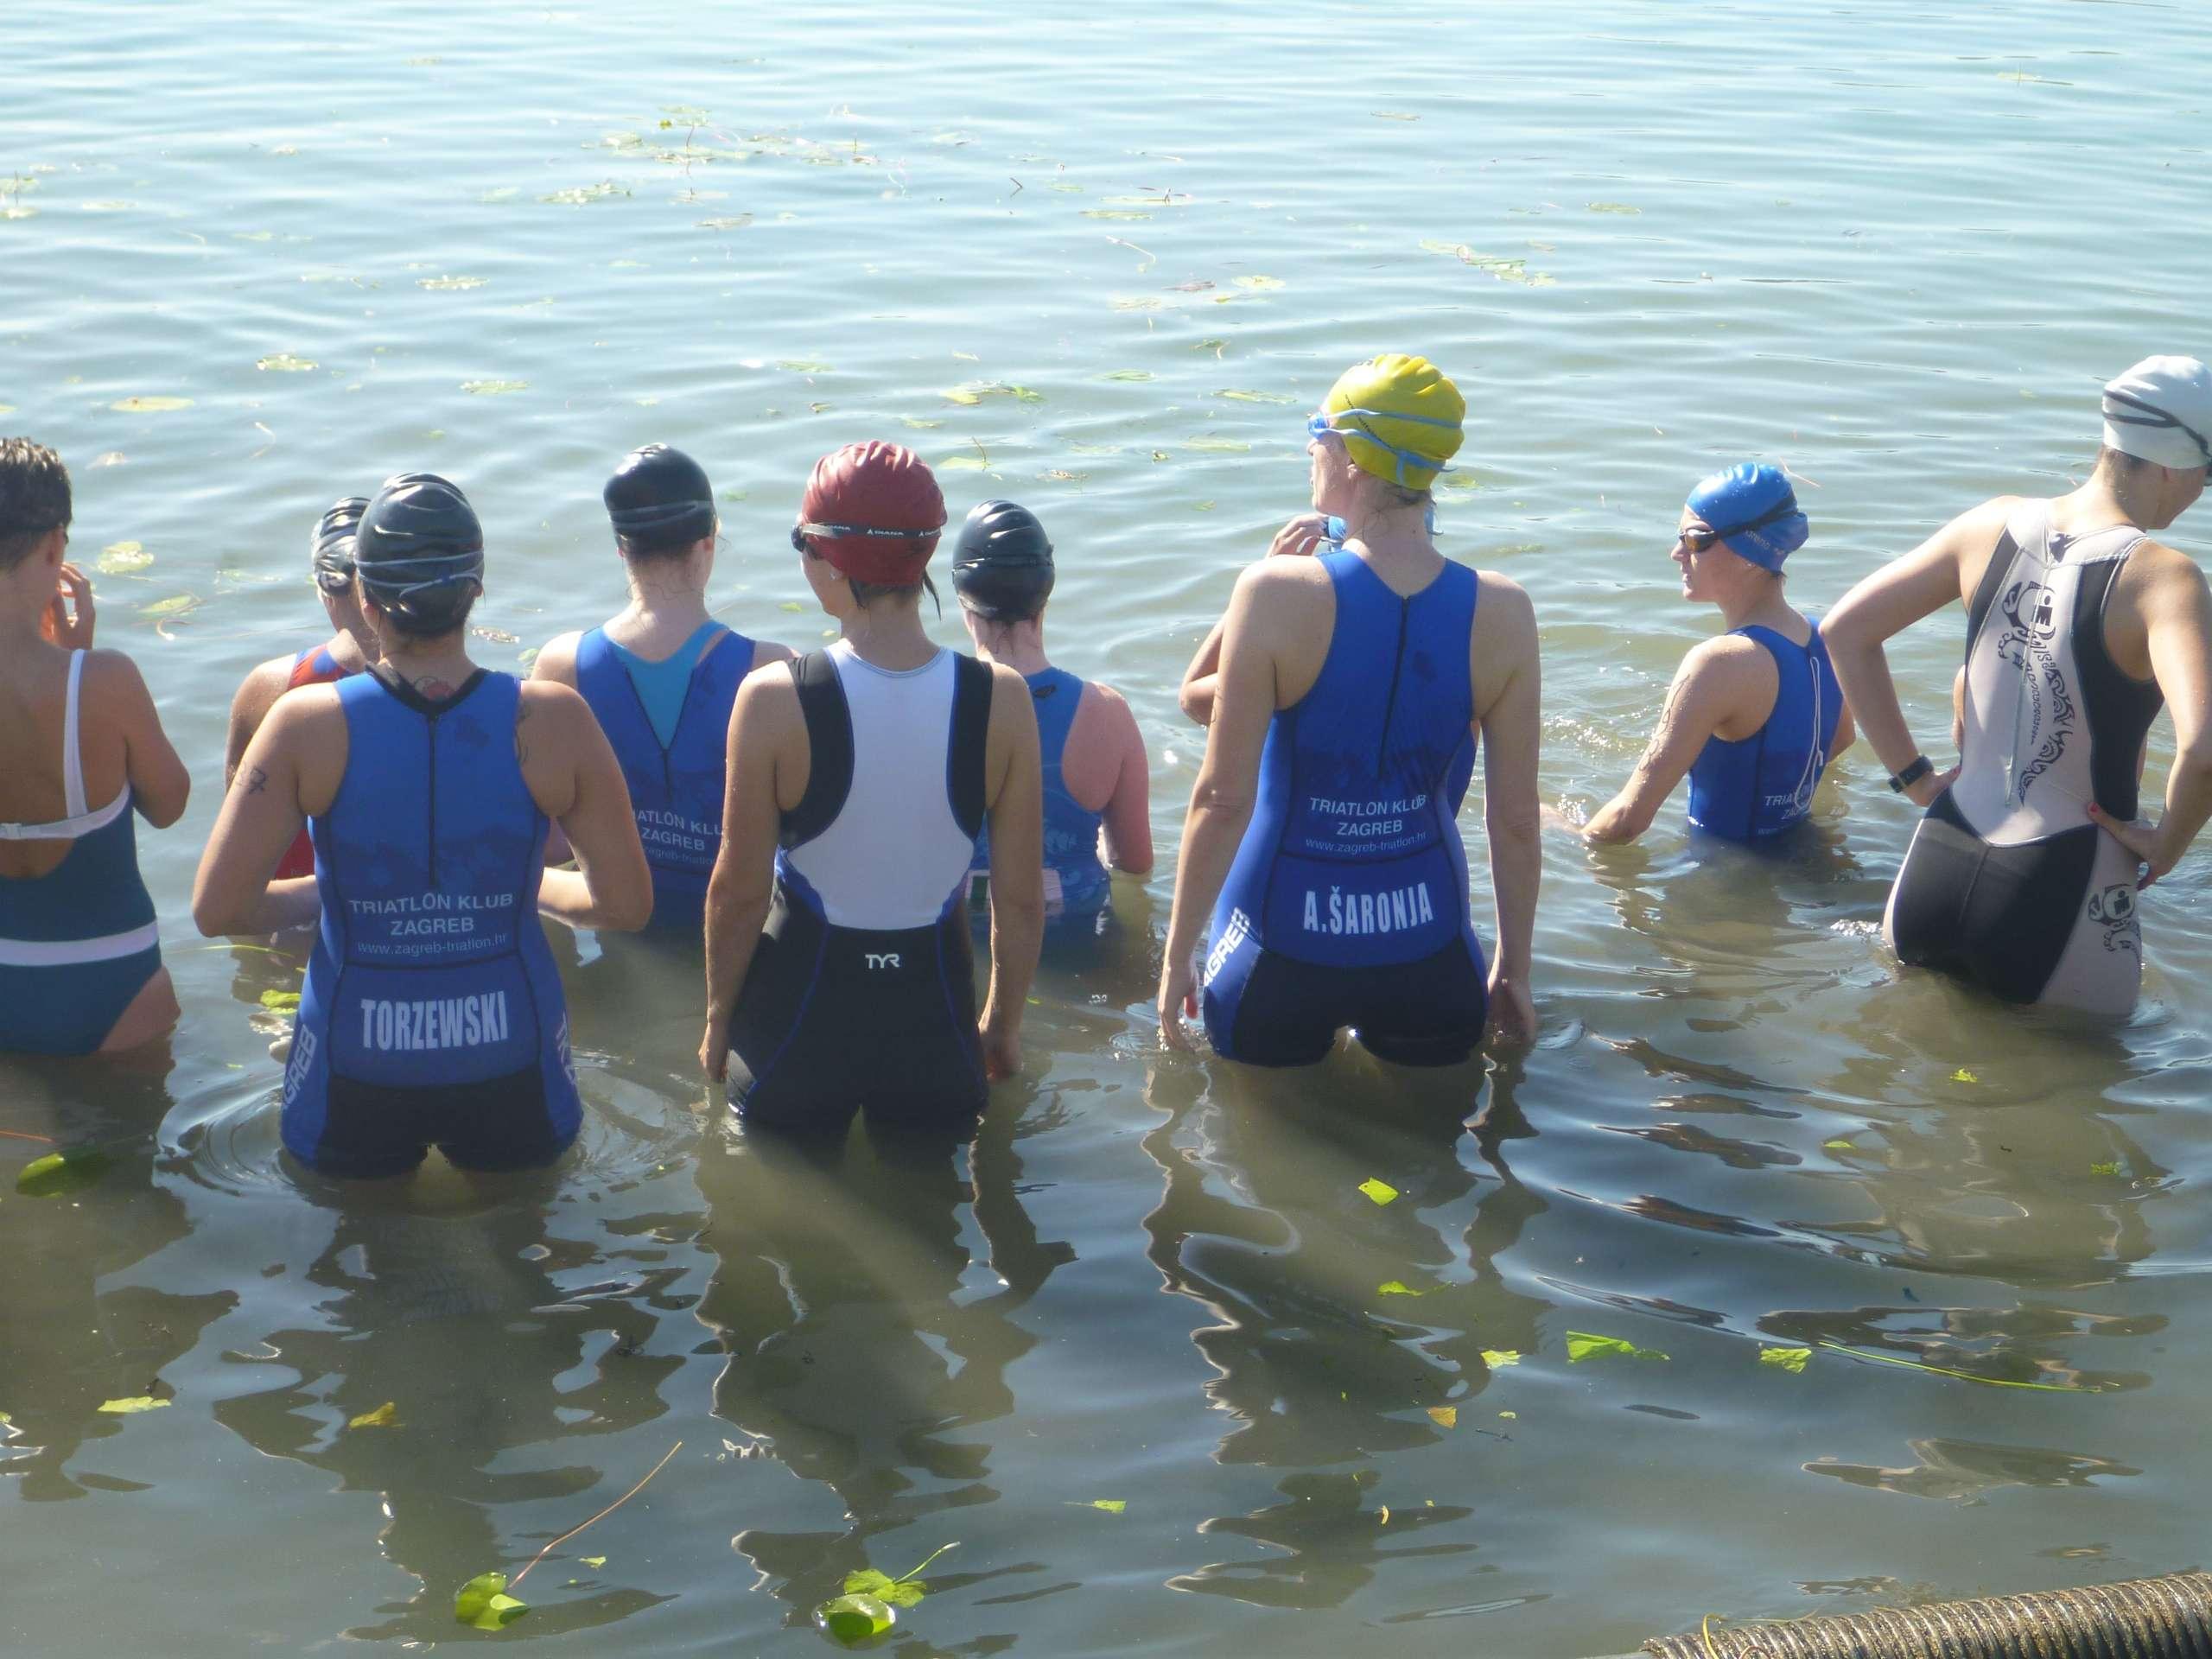 Natjecateljice na startu plivanja